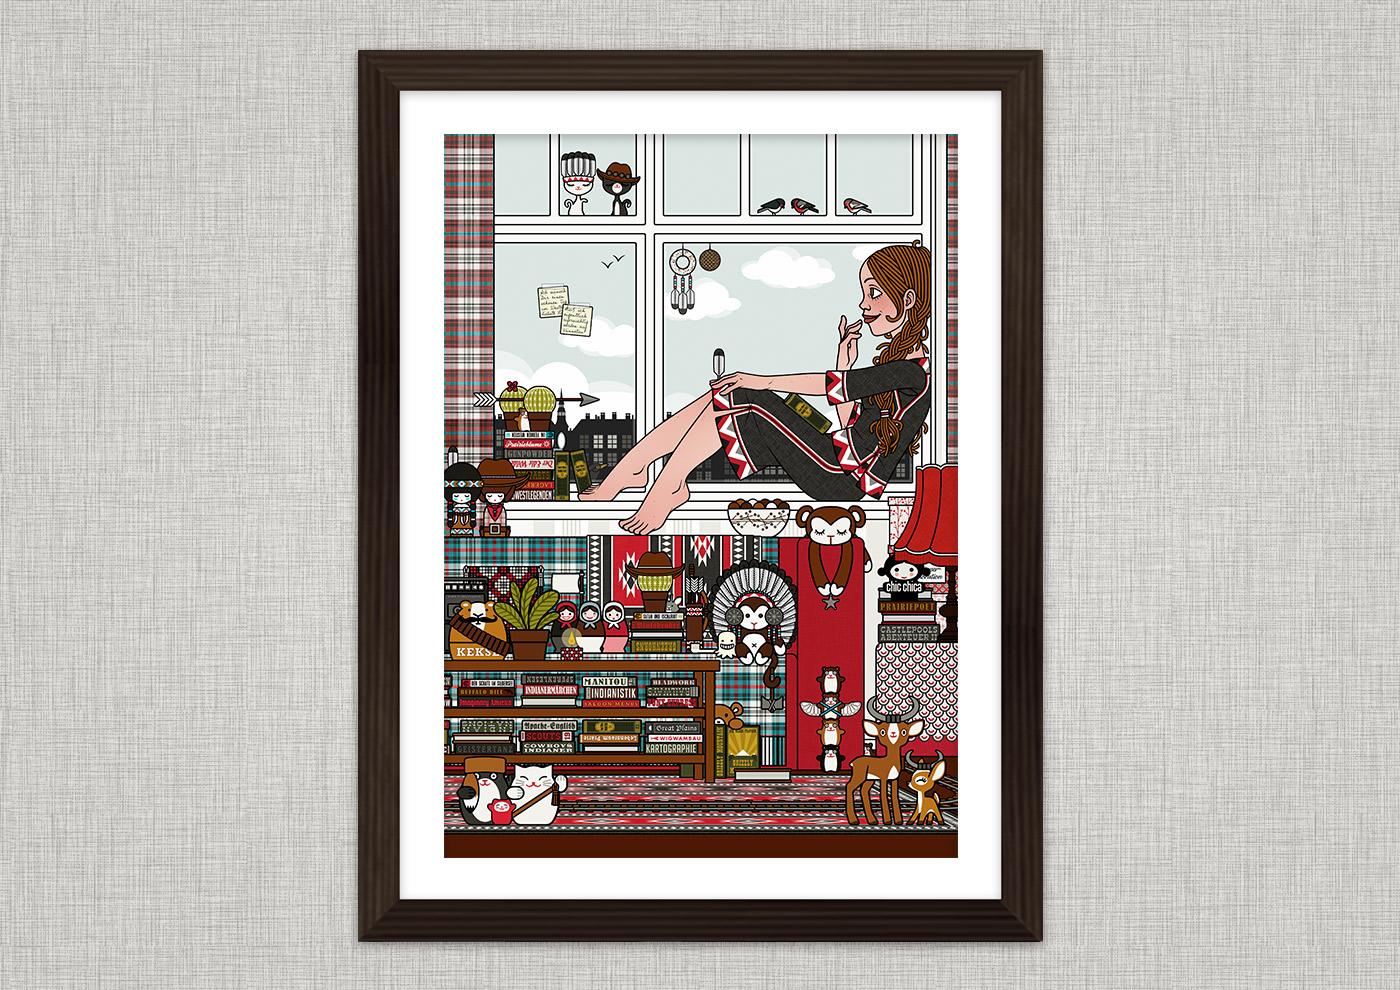 Ausschnitt von Illustration von Lily Lux als Mädchen auf Zimmerreise in den Wilden Westen mit Büchern, Cowboy-, Cowgirl- und Indianerfiguren, für Anthologie Hugh! Winnetou für Edition 52